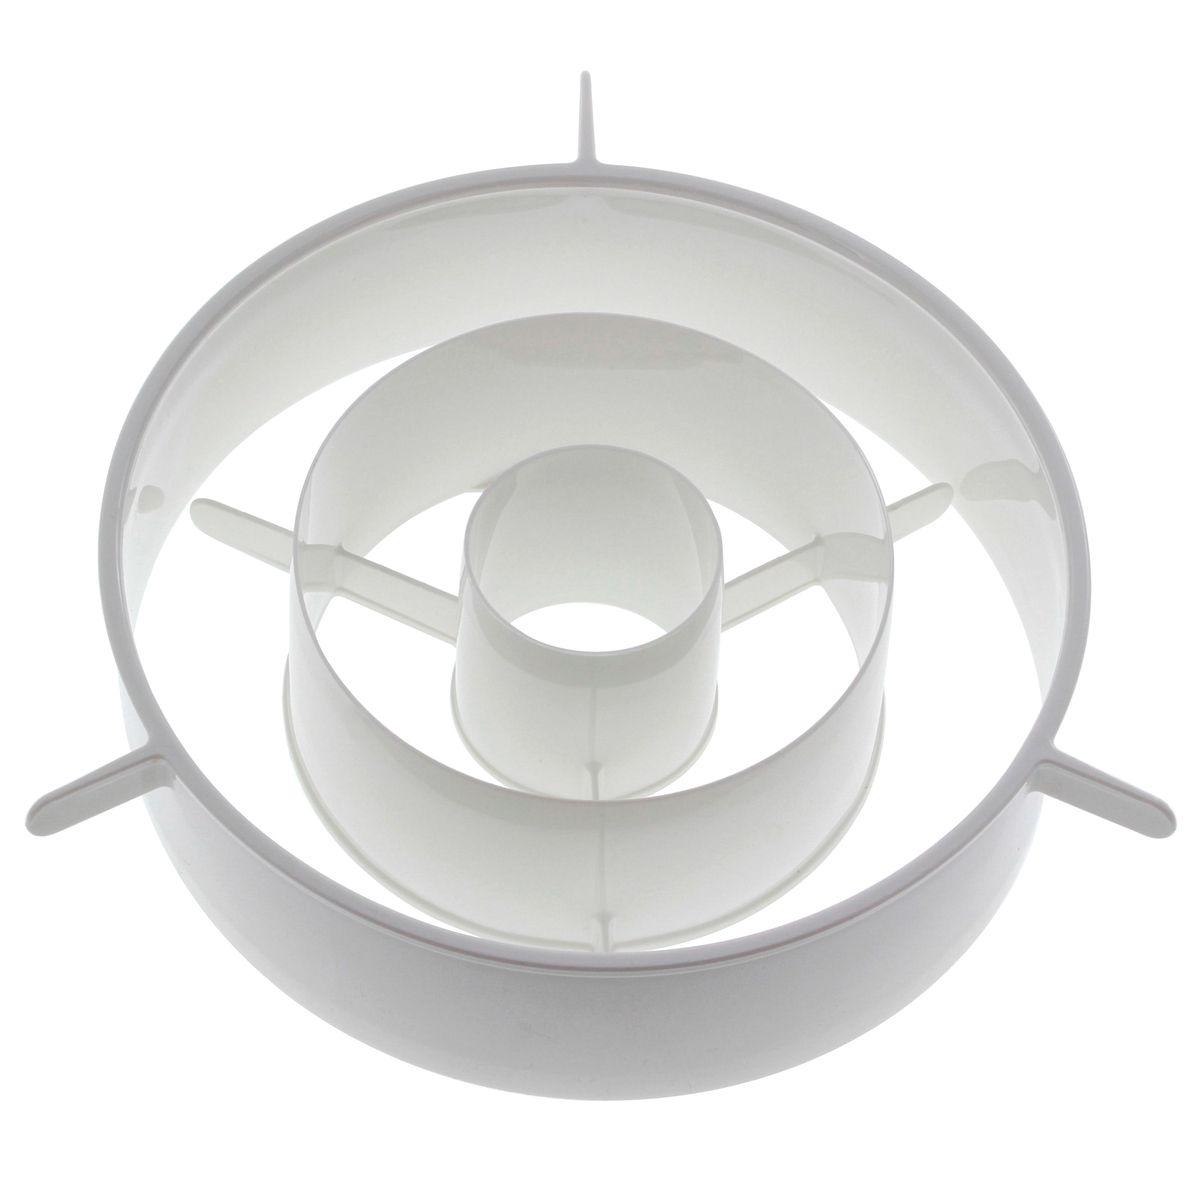 Cercle séparateur 22cm - Tescoma